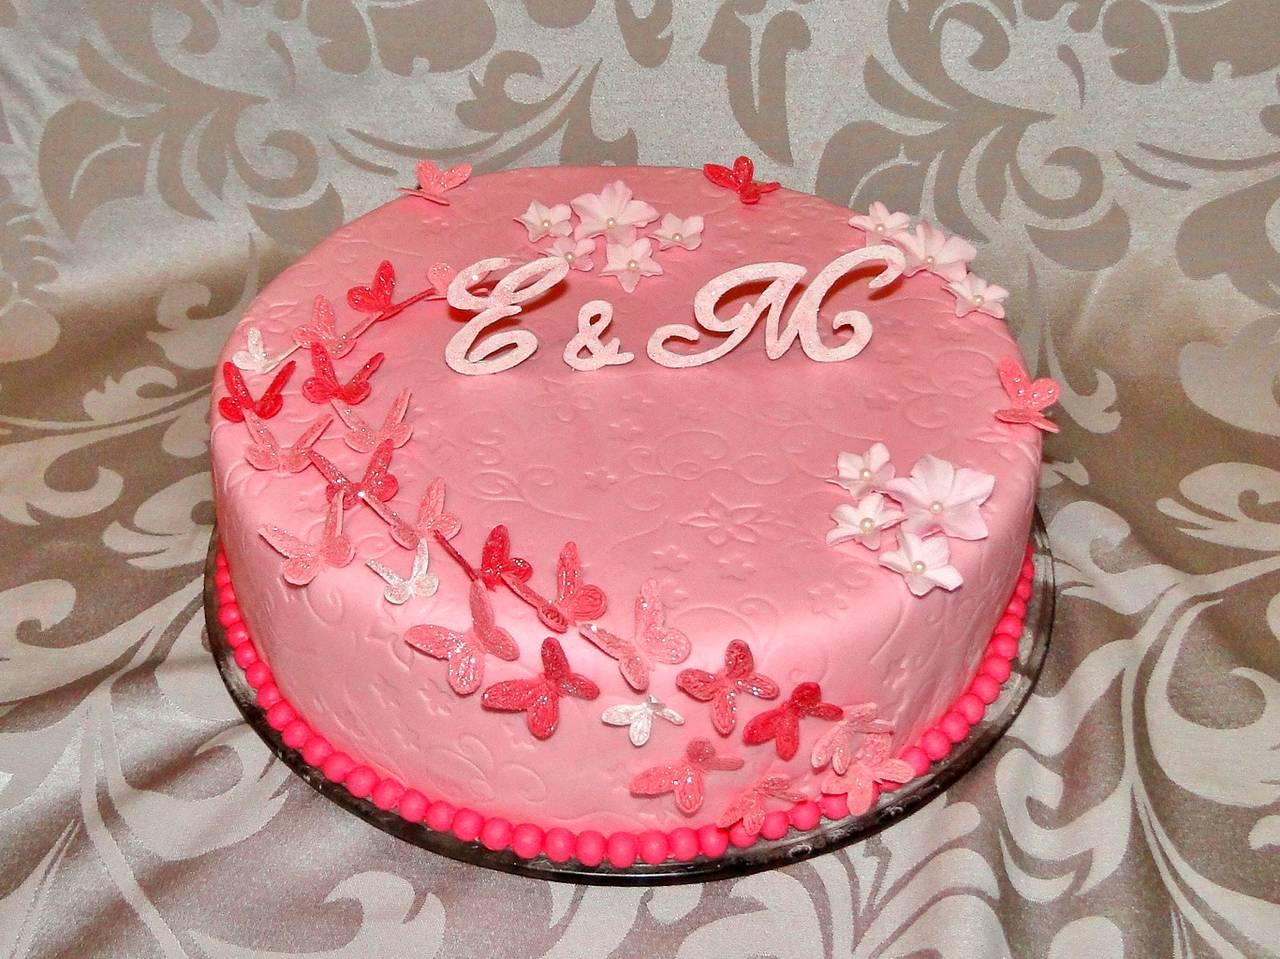 Pin Fc Bayern Cake Cake on Pinterest